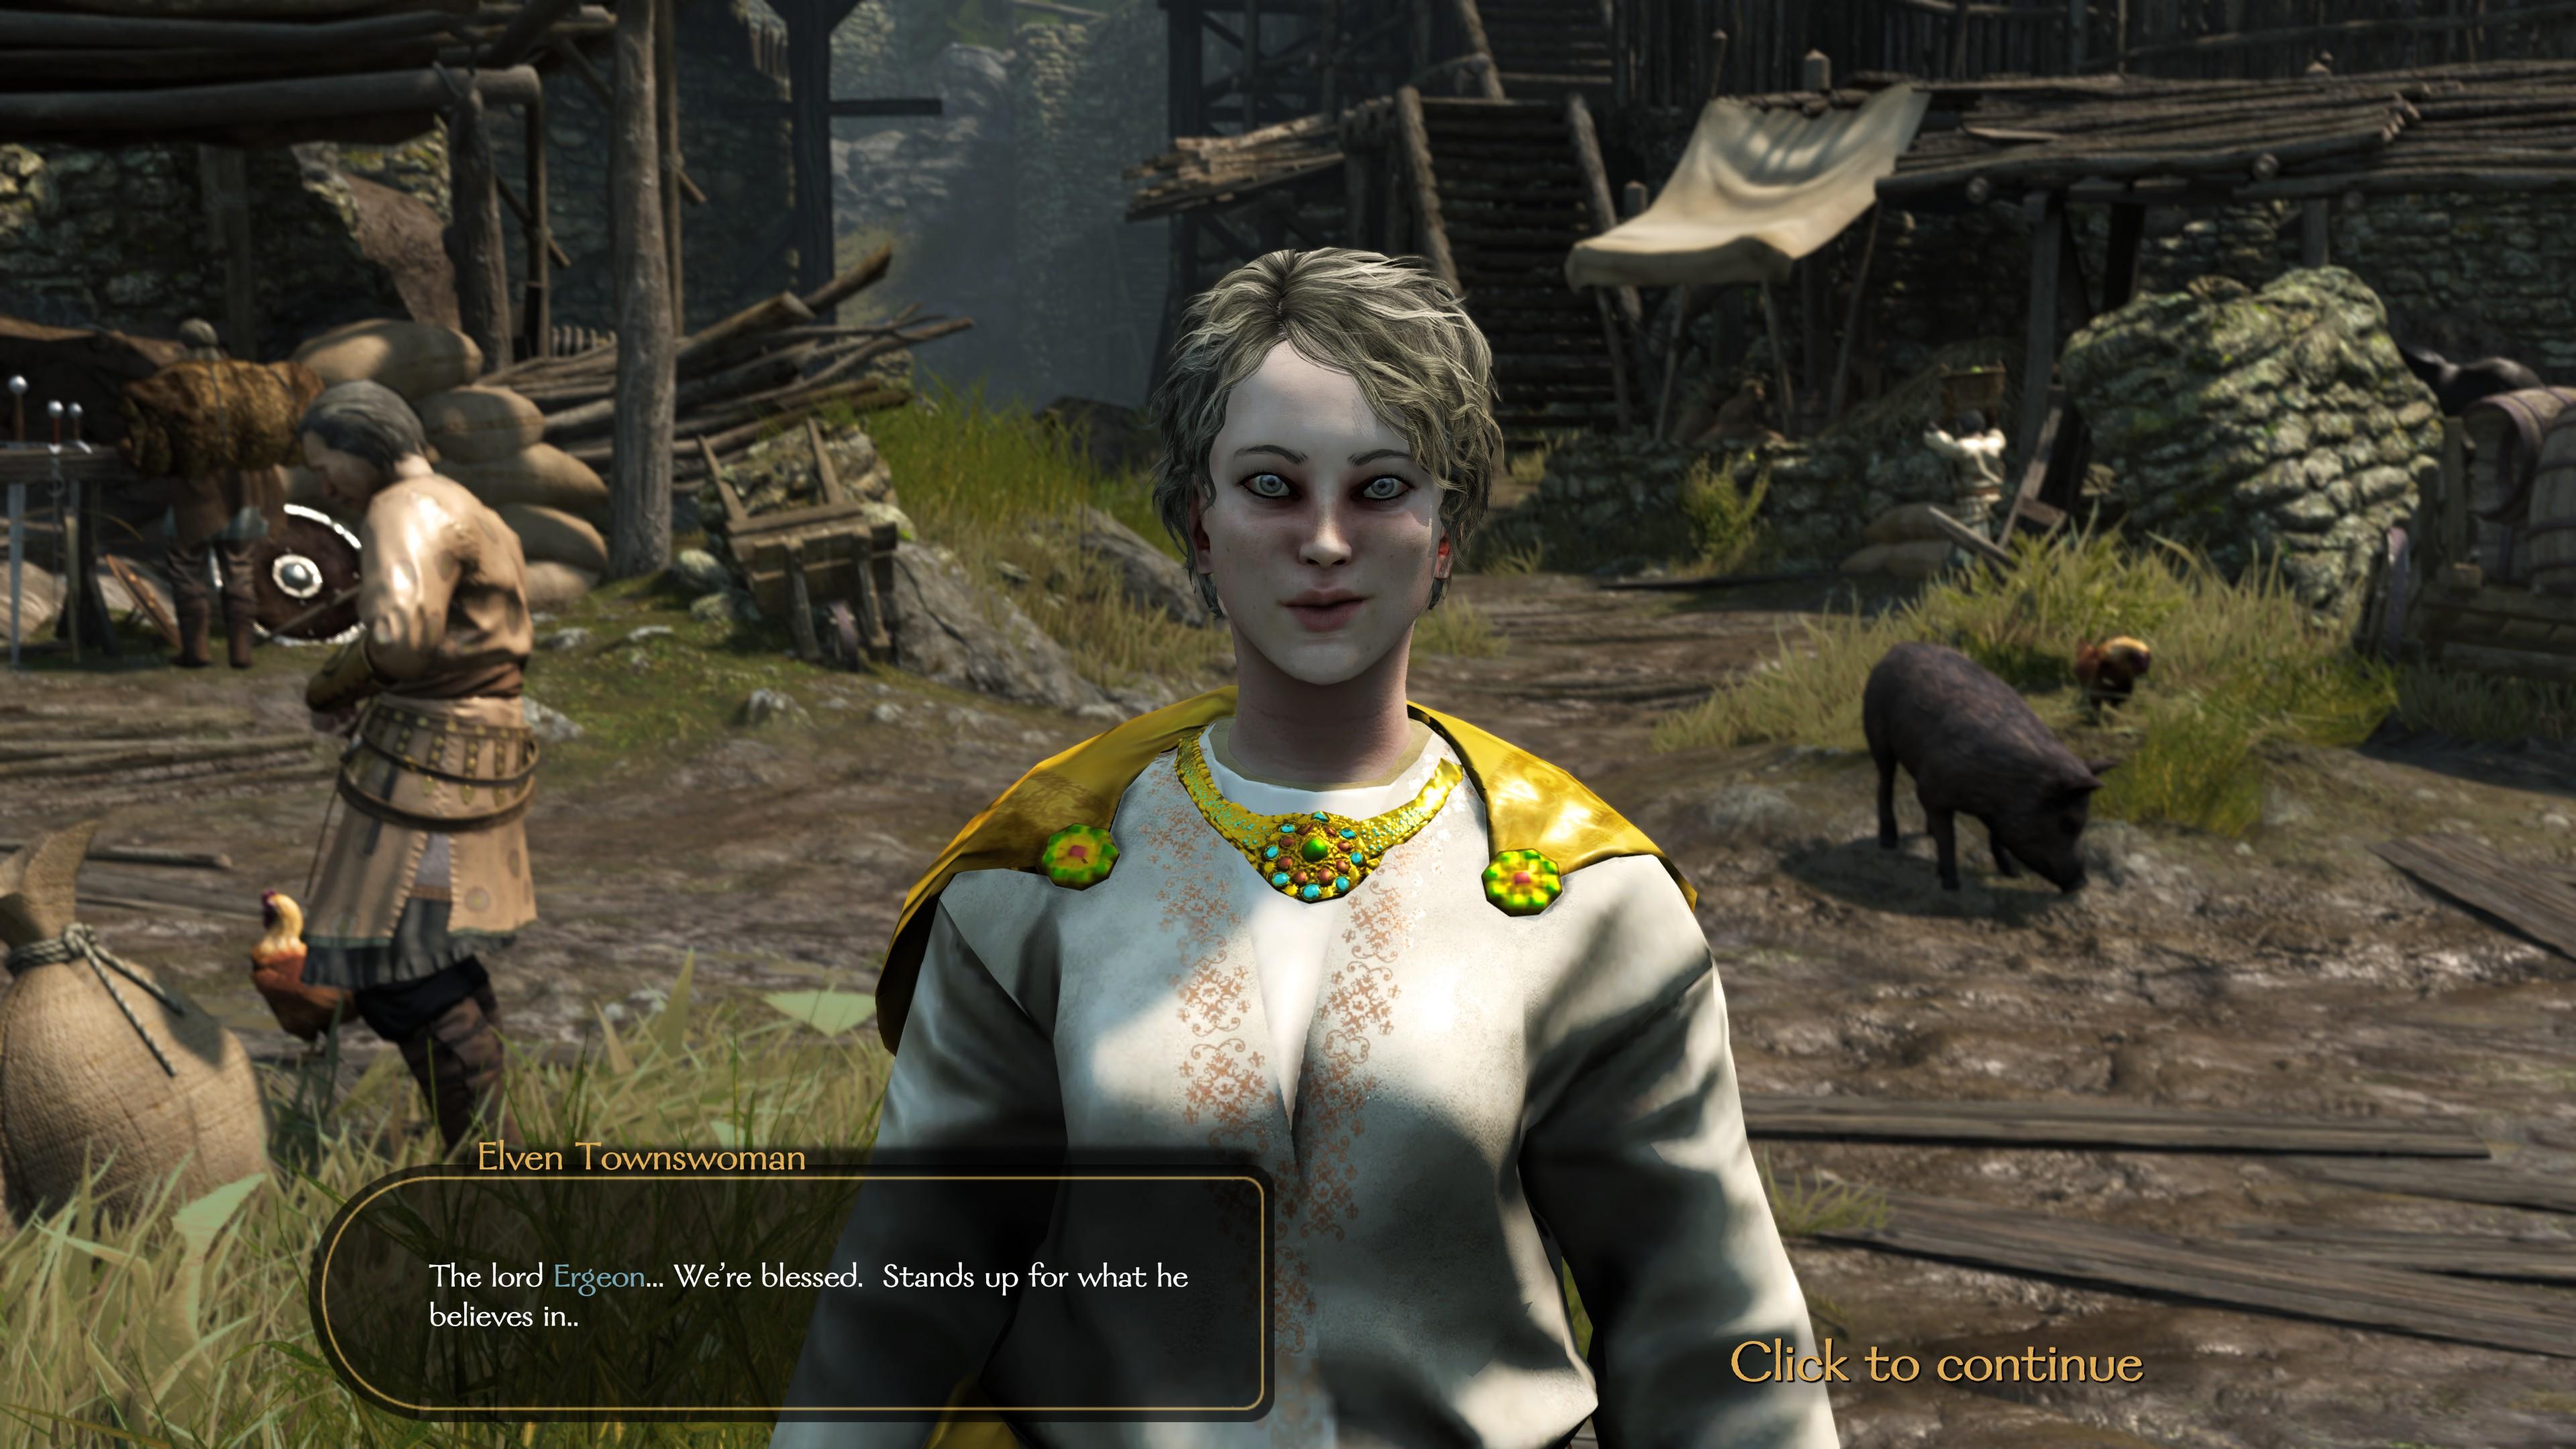 High Elf Townswoman